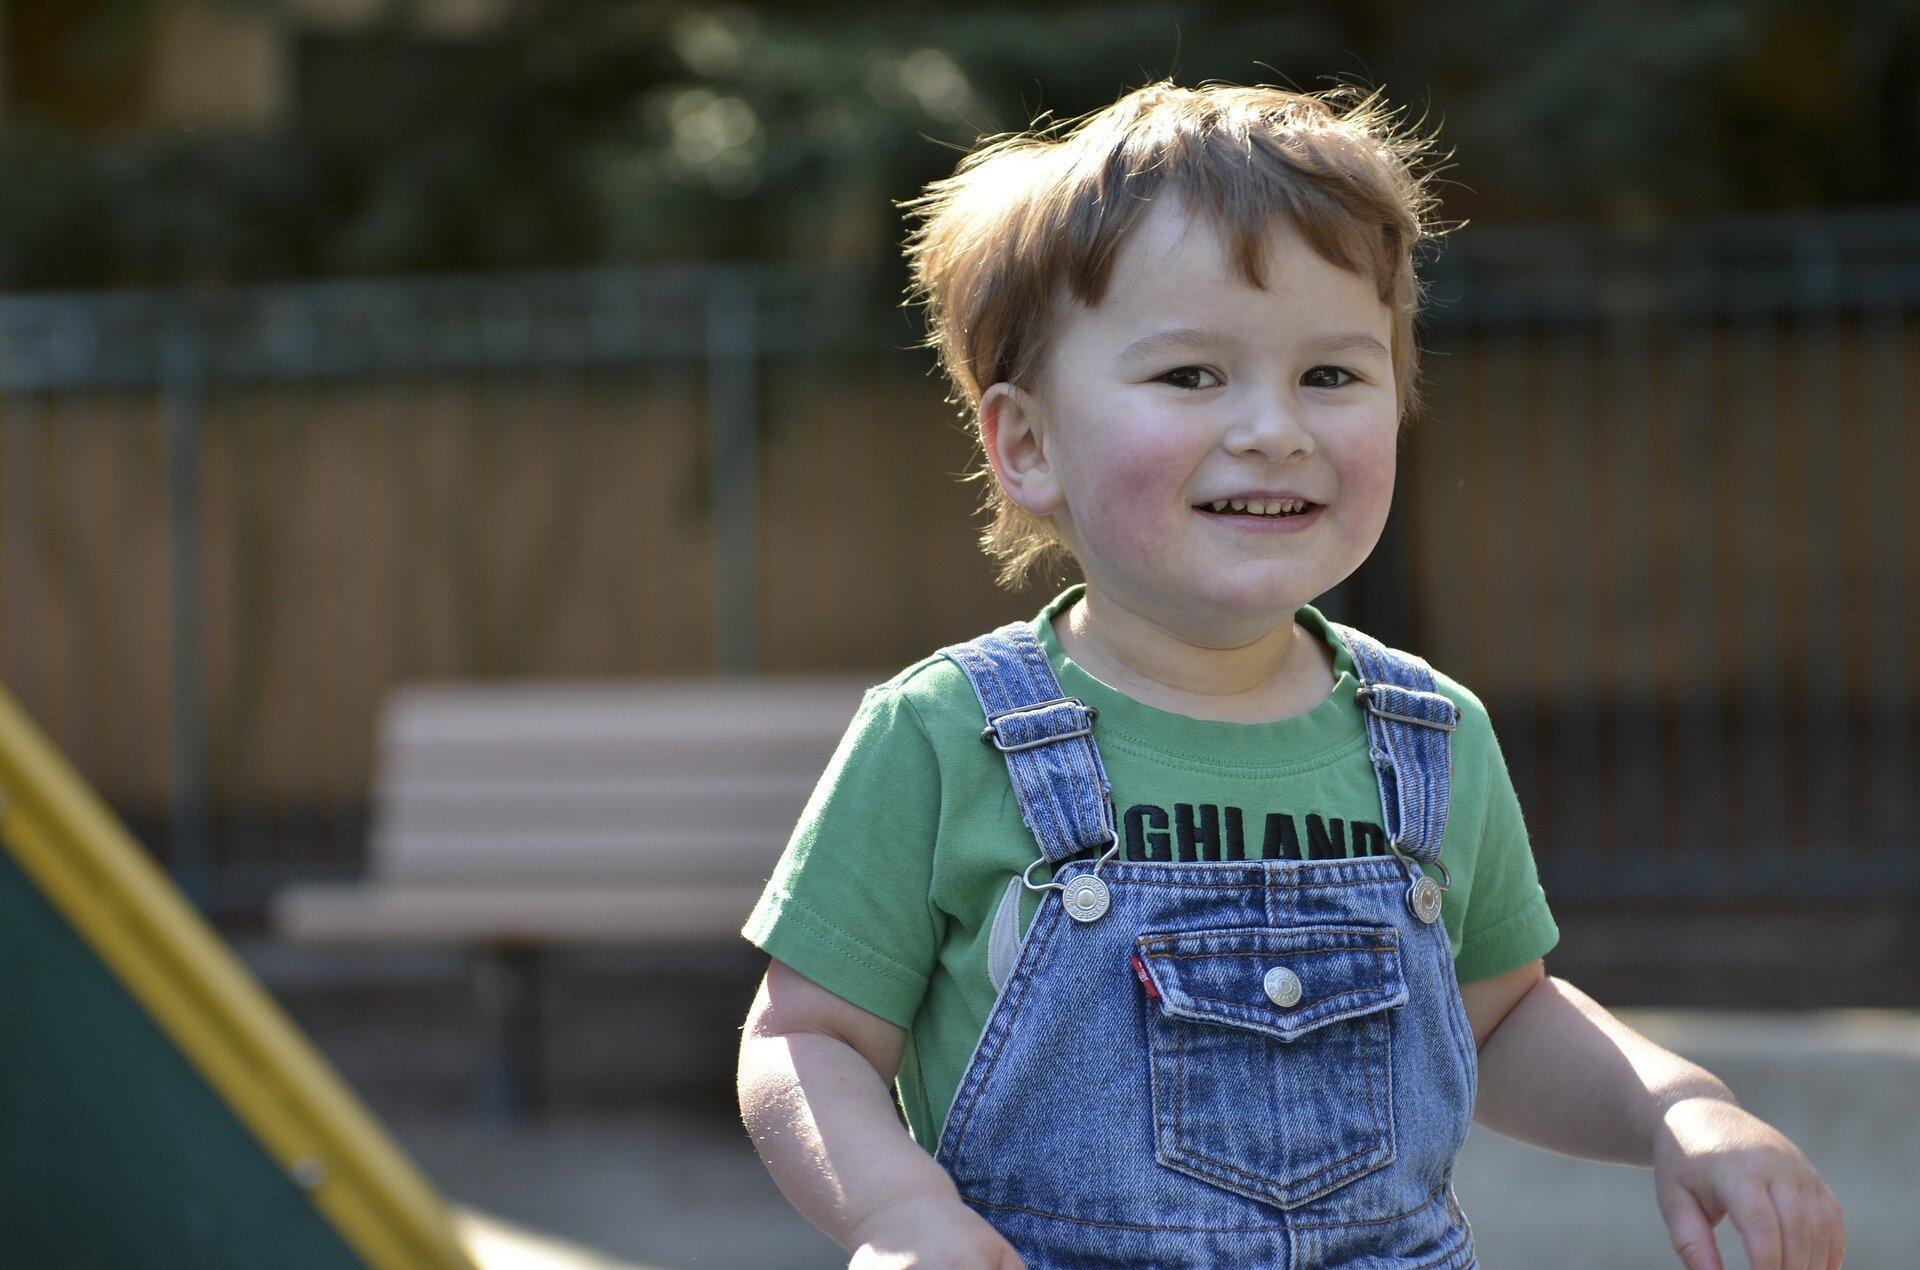 Neue Studie zeigt die versteckten Gene zugrunde liegen kann Autismus Schweregrad